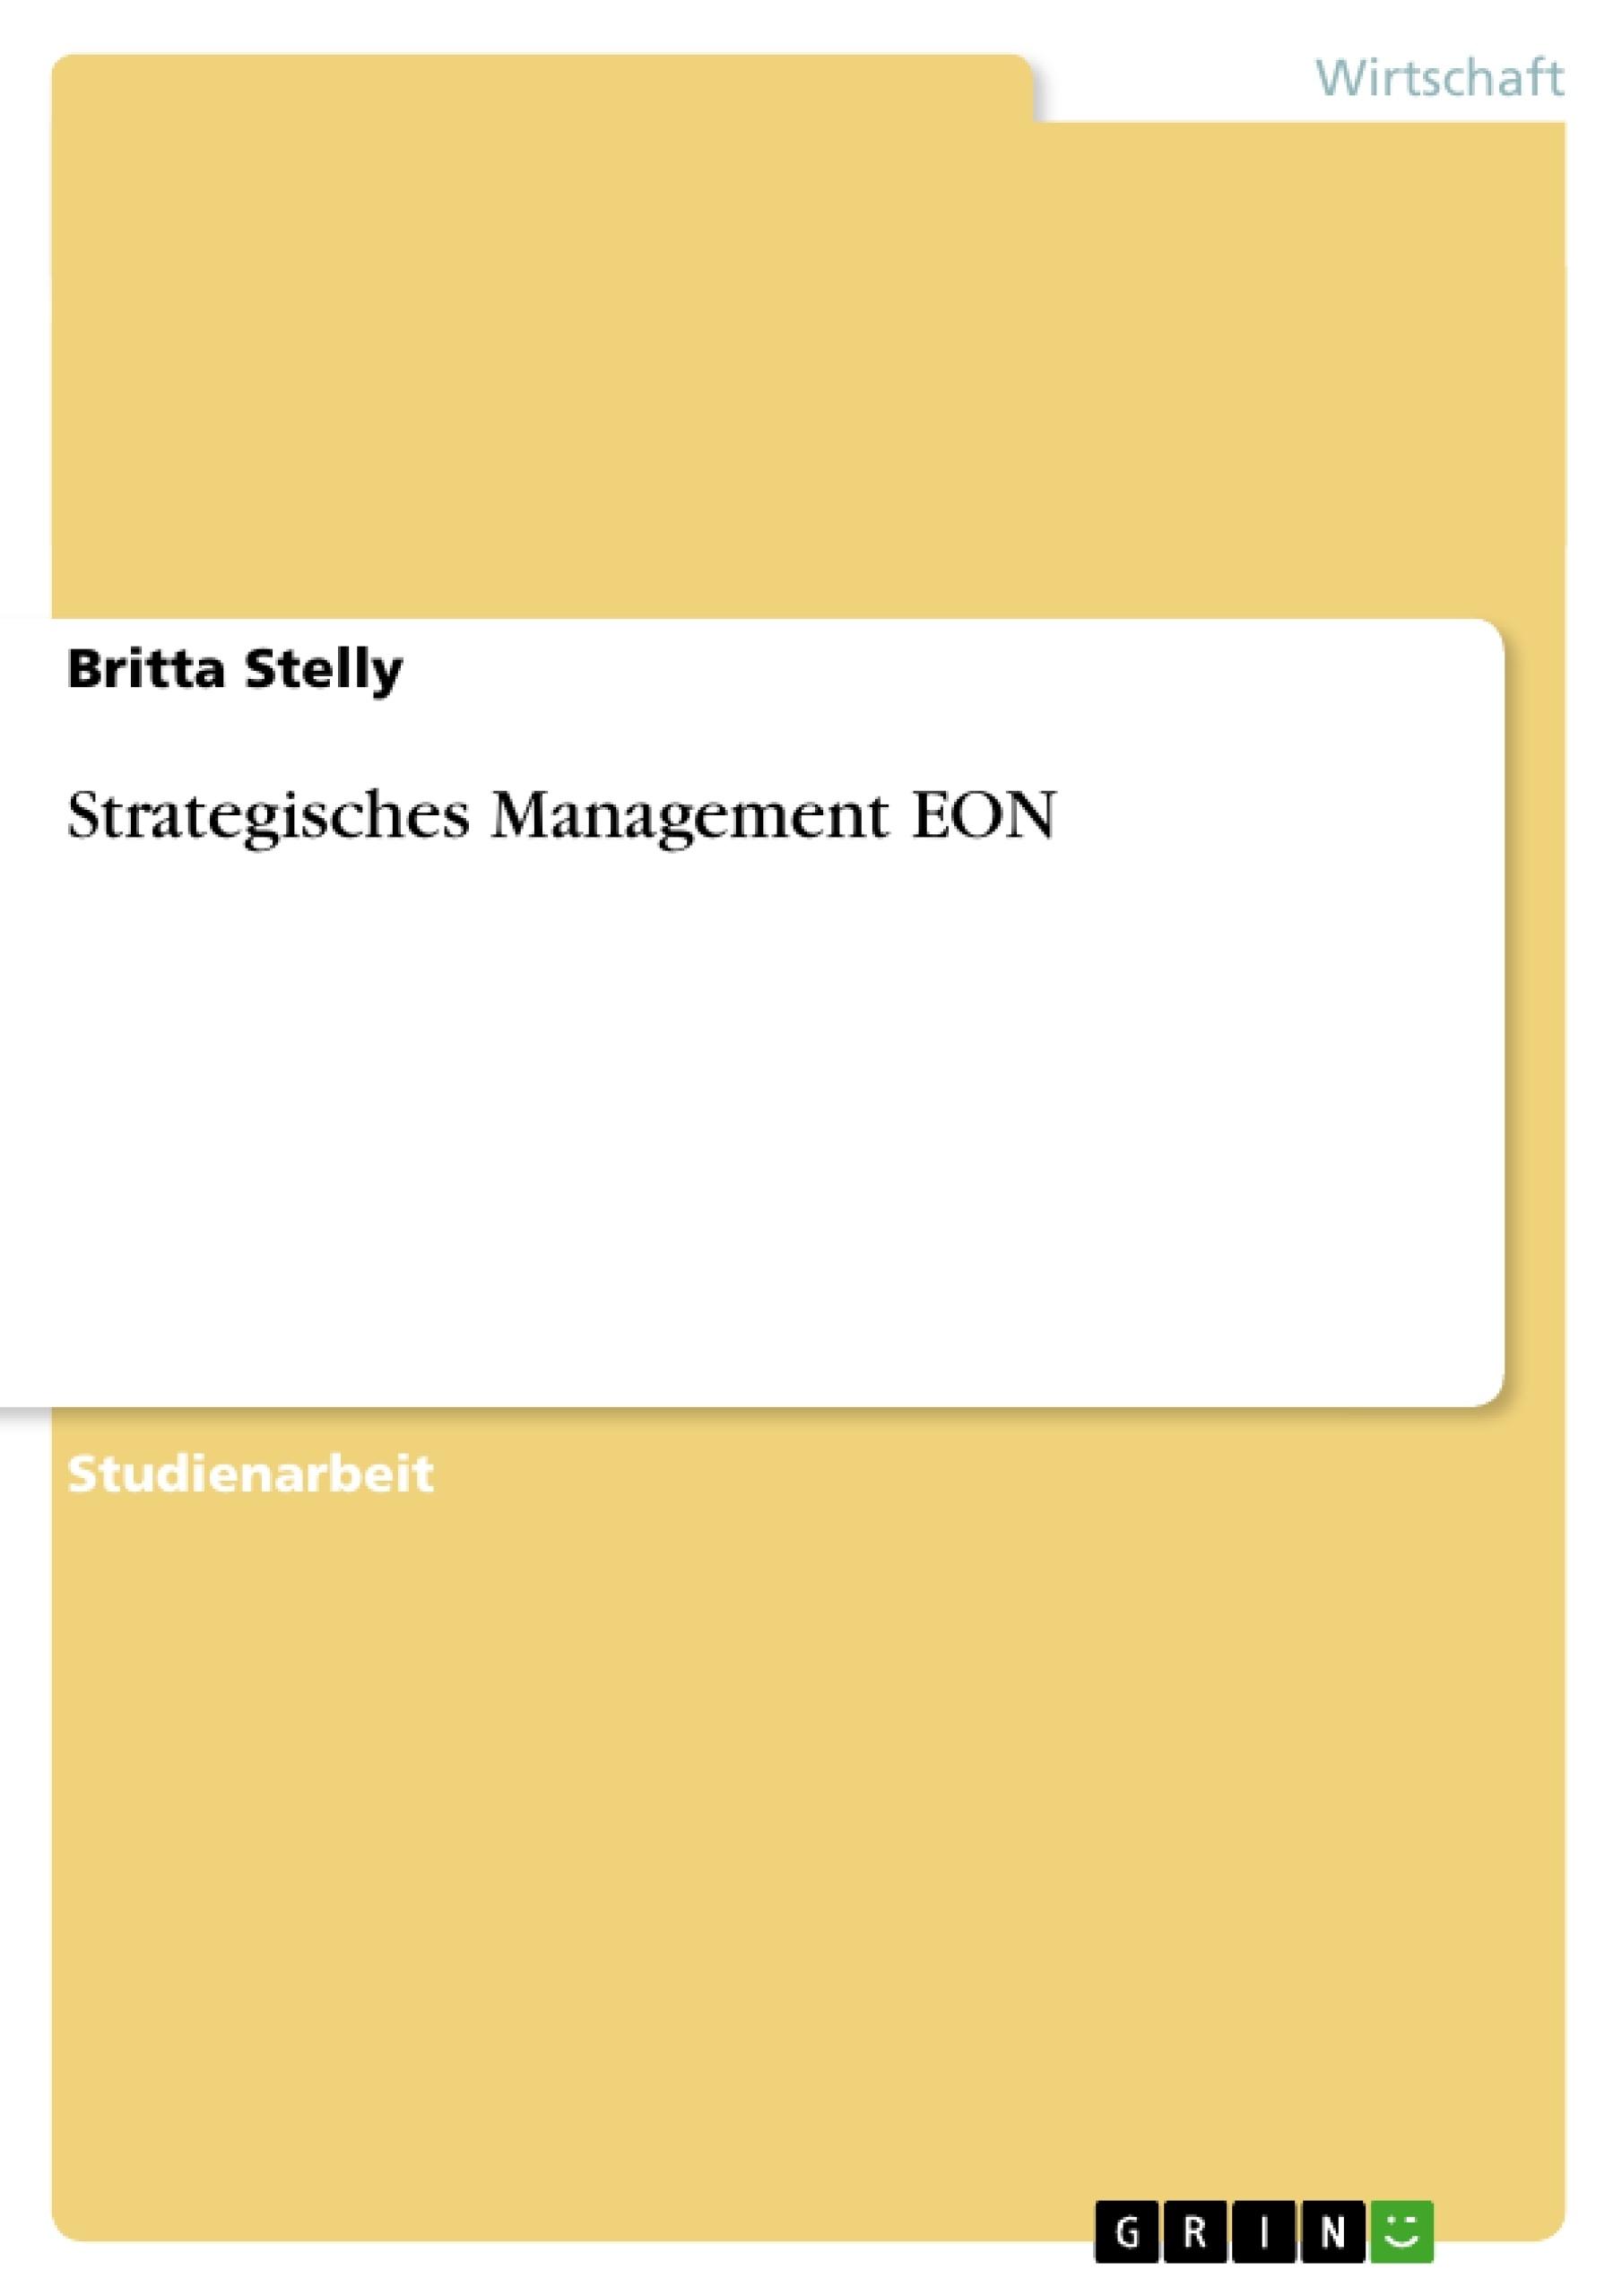 Titel: Strategisches Management EON